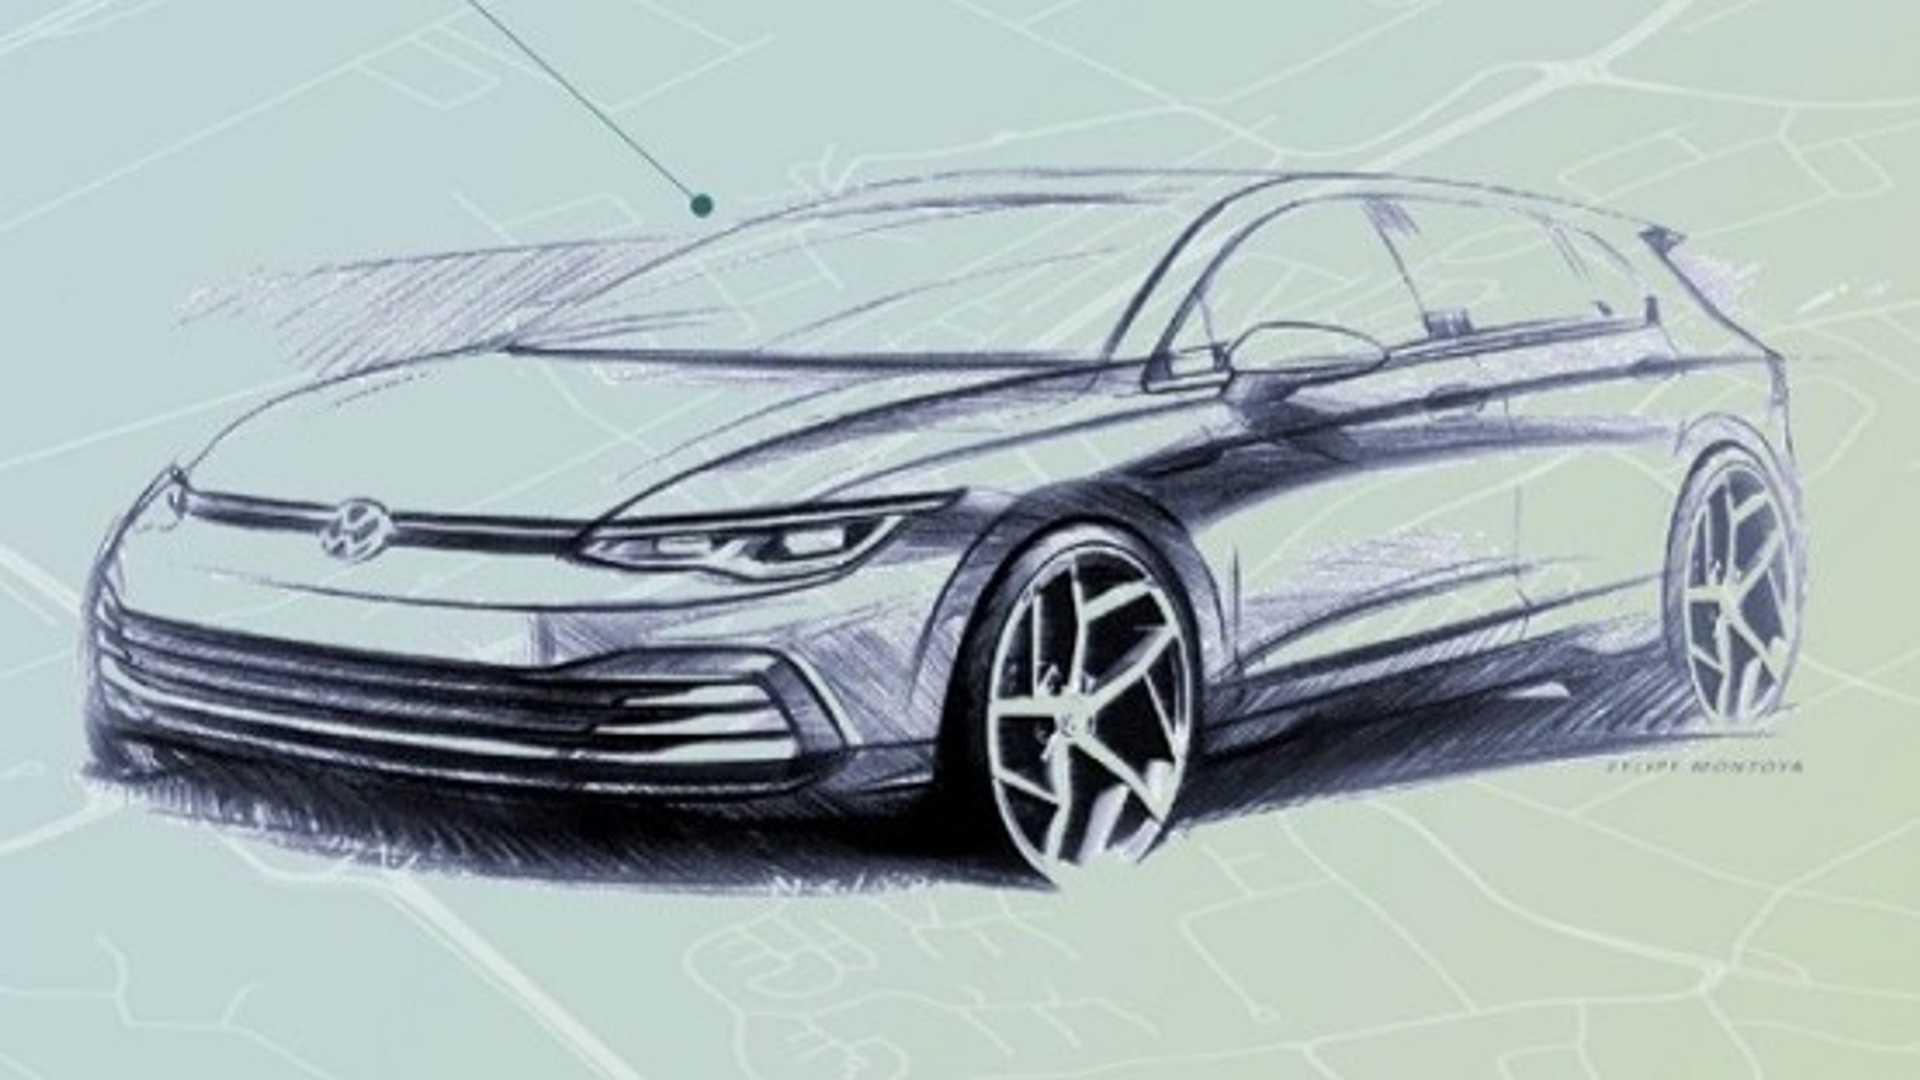 Премьера Volkswagen Golf восьмого поколения состоится уже 24 октября, а фотошпионам не раз попадались прототипы новинки. Однако производитель продолжает интриговать поклонников модели. На этот раз опубликованы дизайнерские скетчи, среди которых впервые оказались эскизы интерьера.